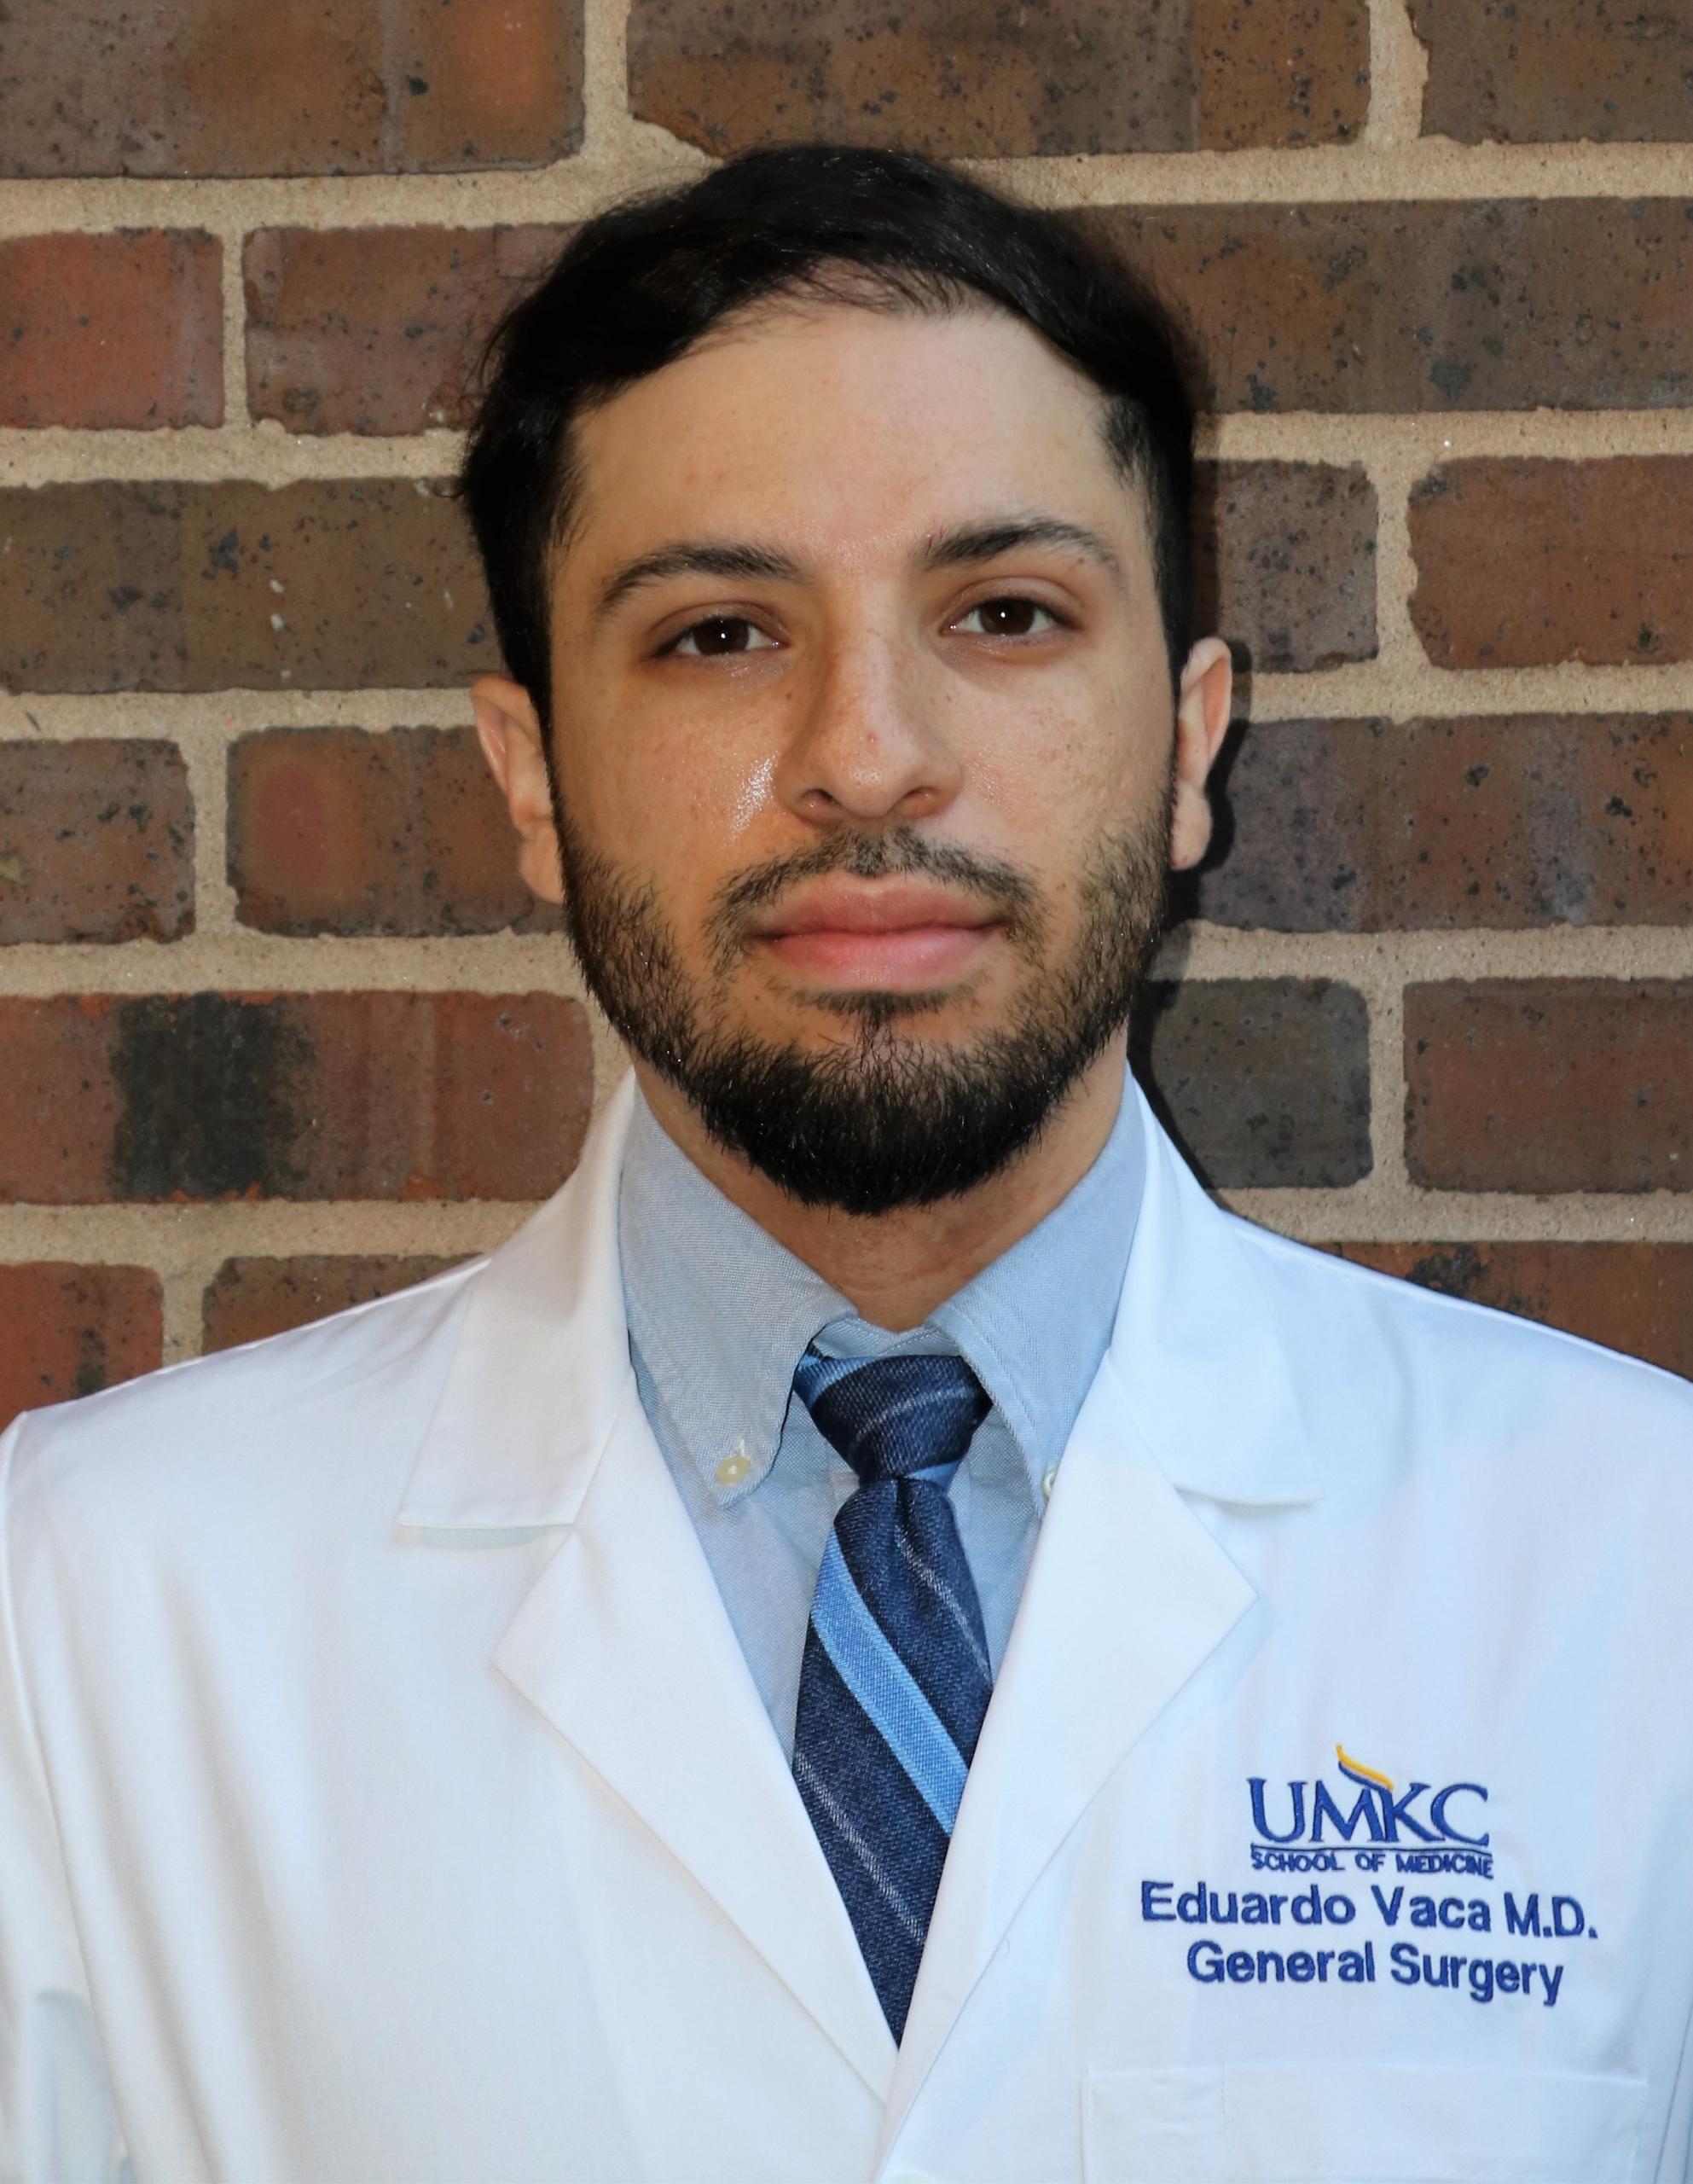 Dr. Eduardo Vaca